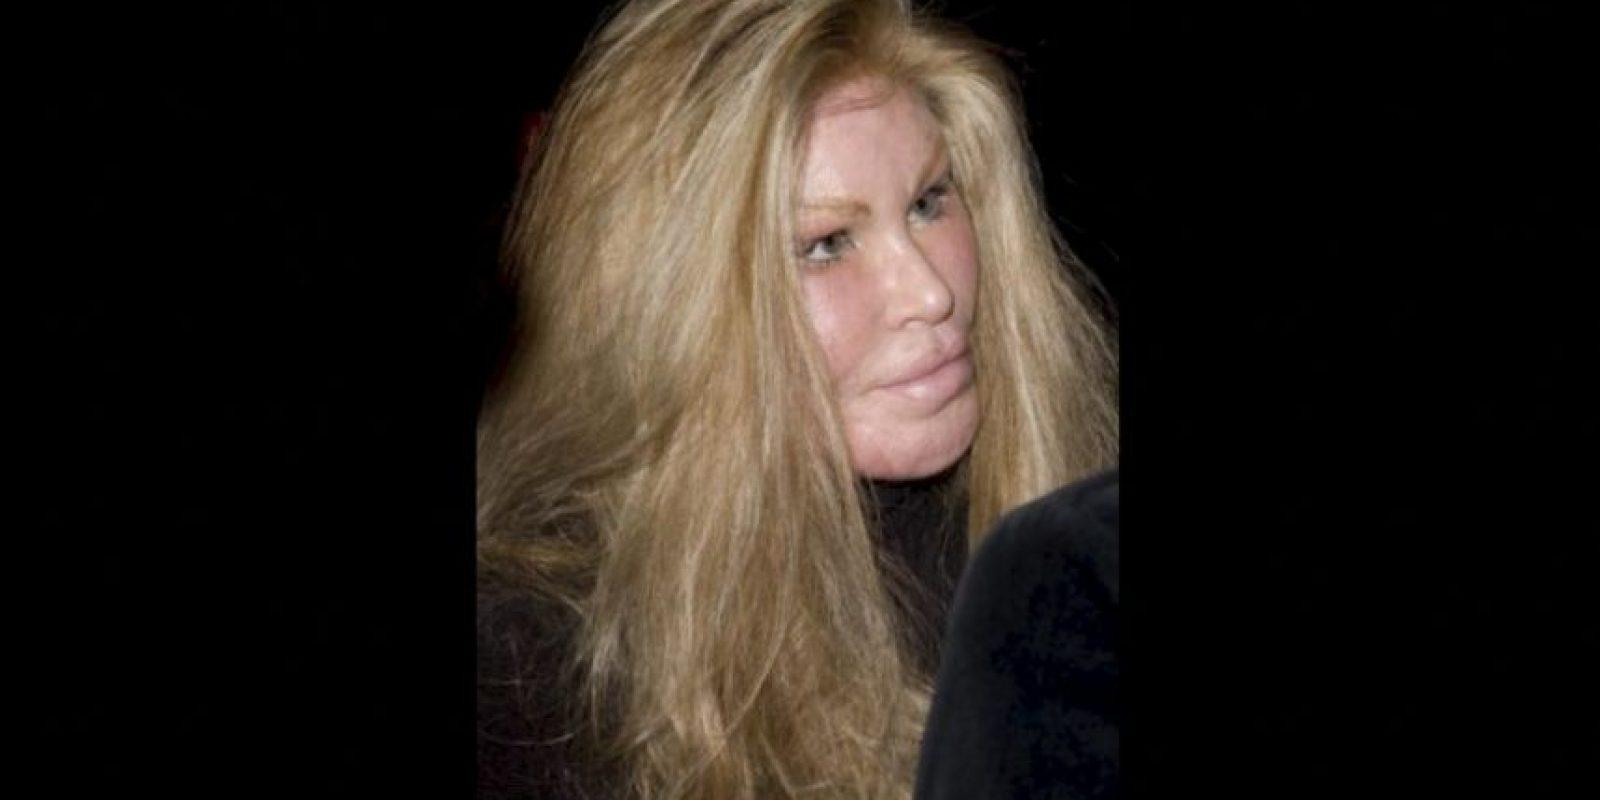 """Así ha cambiado Jocelyn Wildenstein, """"La Mujer Gato"""", a sus 75 años Así ha cambiado Jocelyn Wildenstein, """"La Mujer Gato"""", a sus 75 años Foto:Getty Images"""